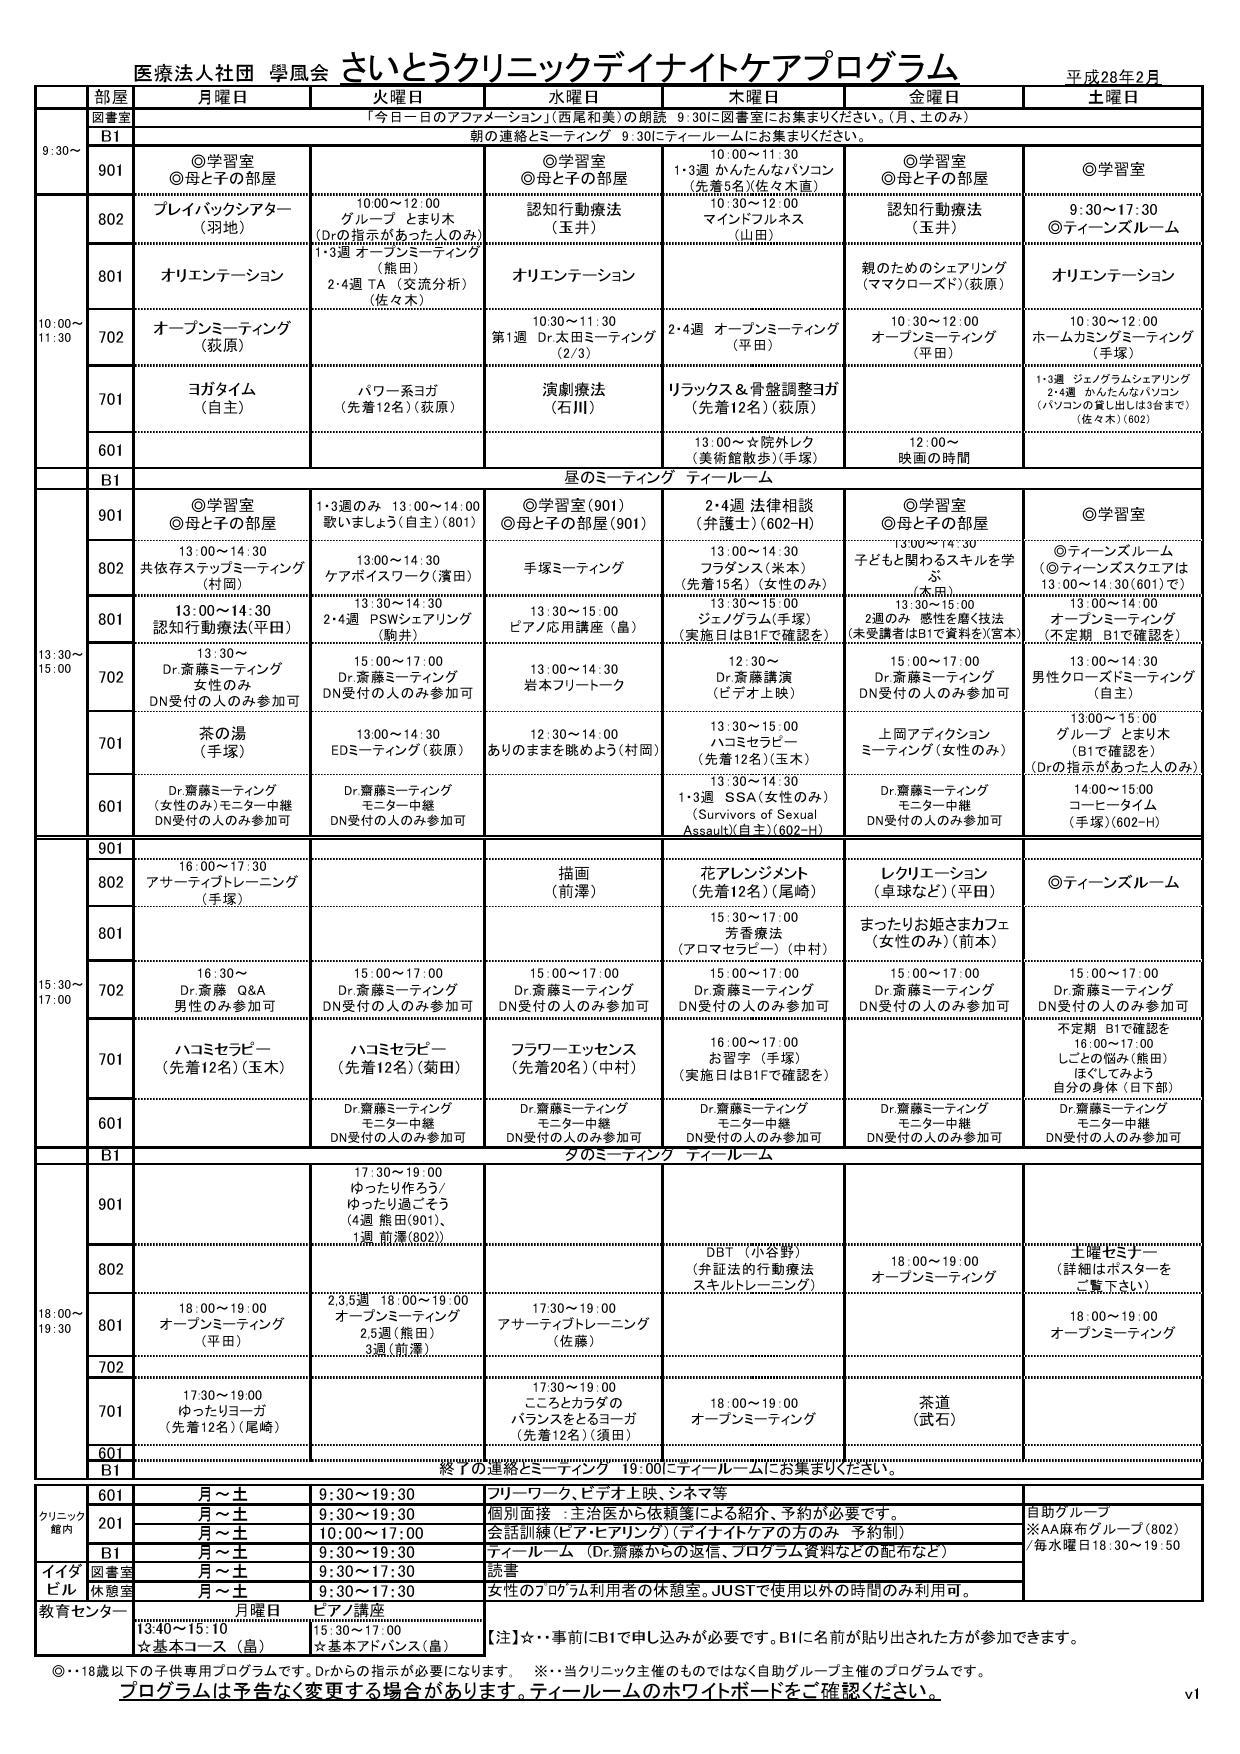 201602月プログラム進行表0001